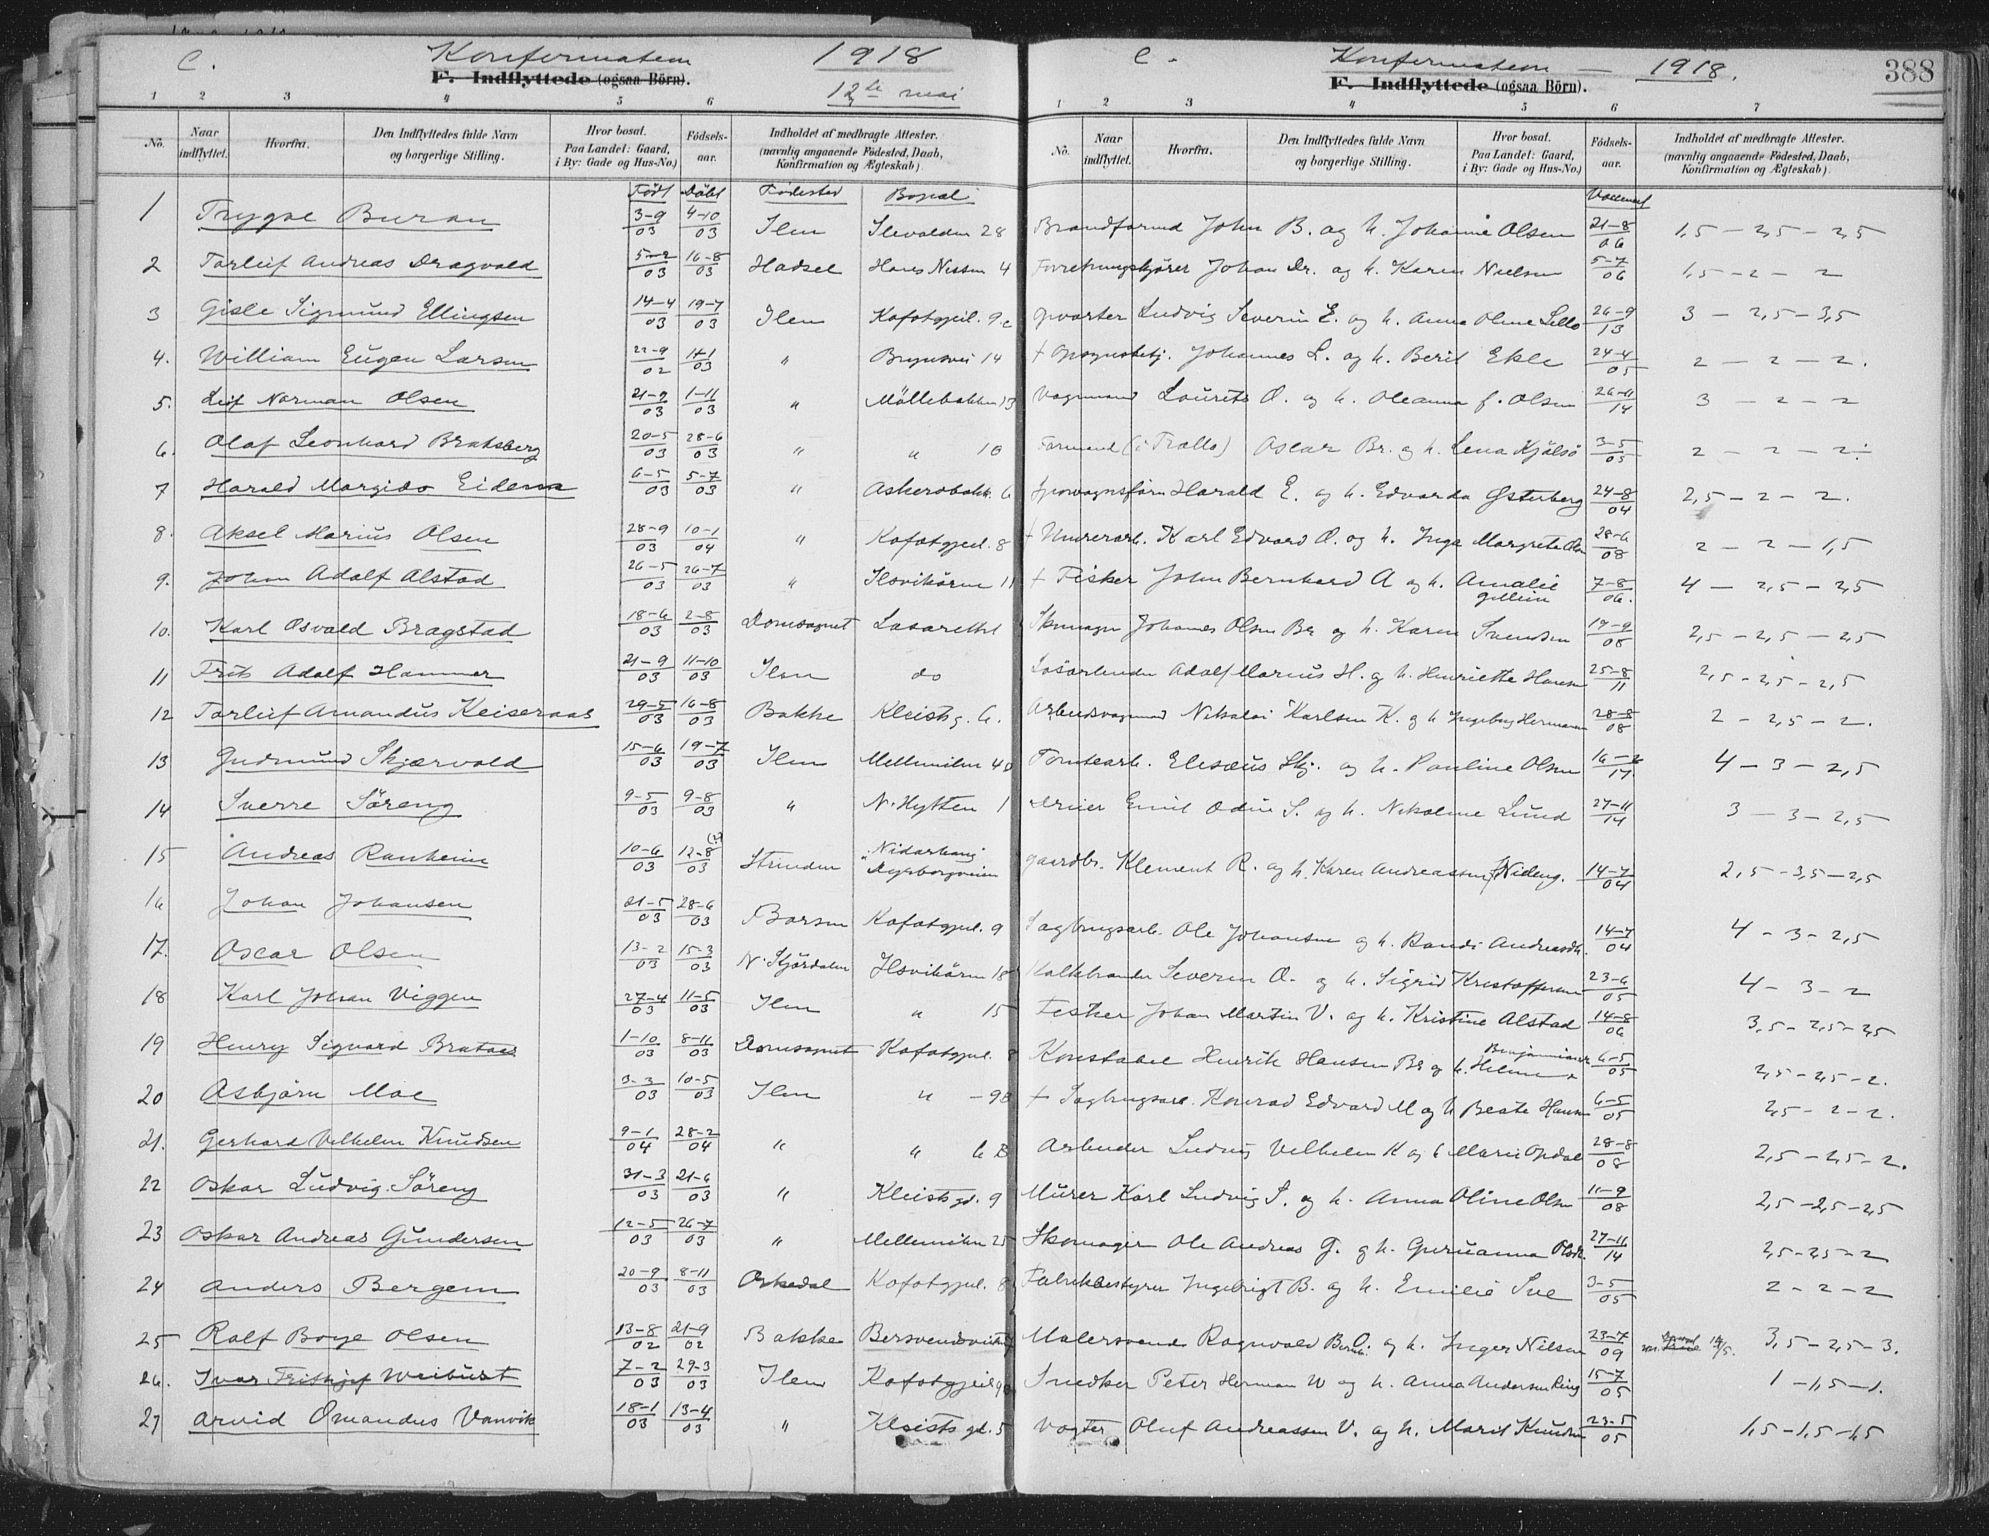 SAT, Ministerialprotokoller, klokkerbøker og fødselsregistre - Sør-Trøndelag, 603/L0167: Ministerialbok nr. 603A06, 1896-1932, s. 388